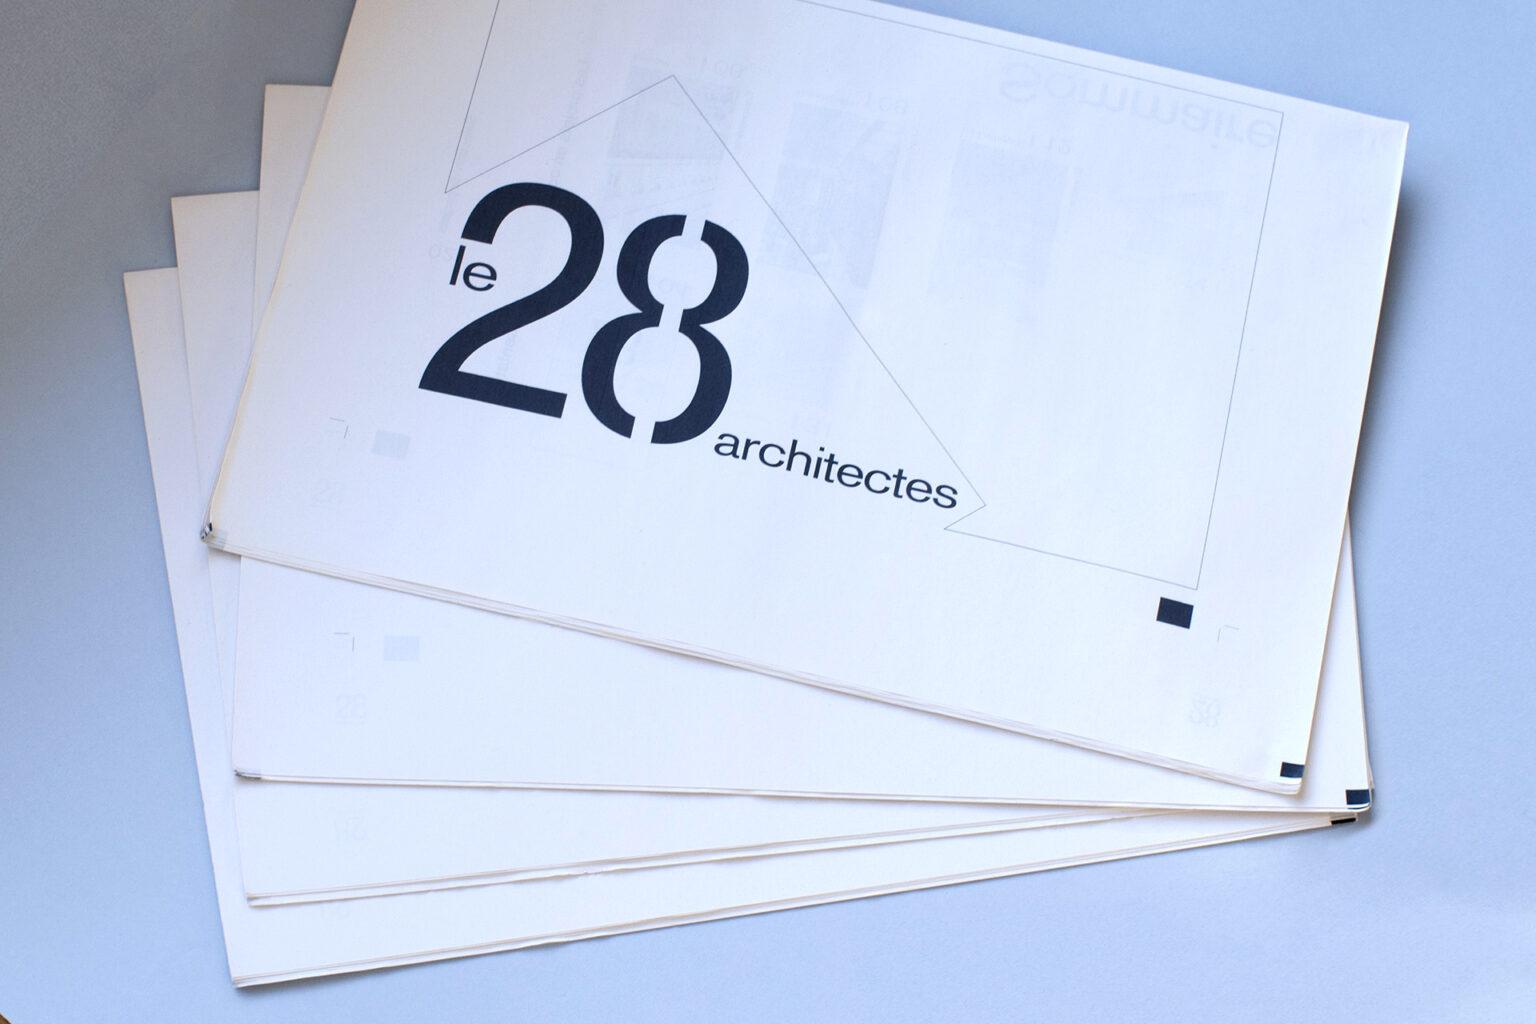 Dosier AJAP 2020 Le 28 architectes par FE Consulting - couverture